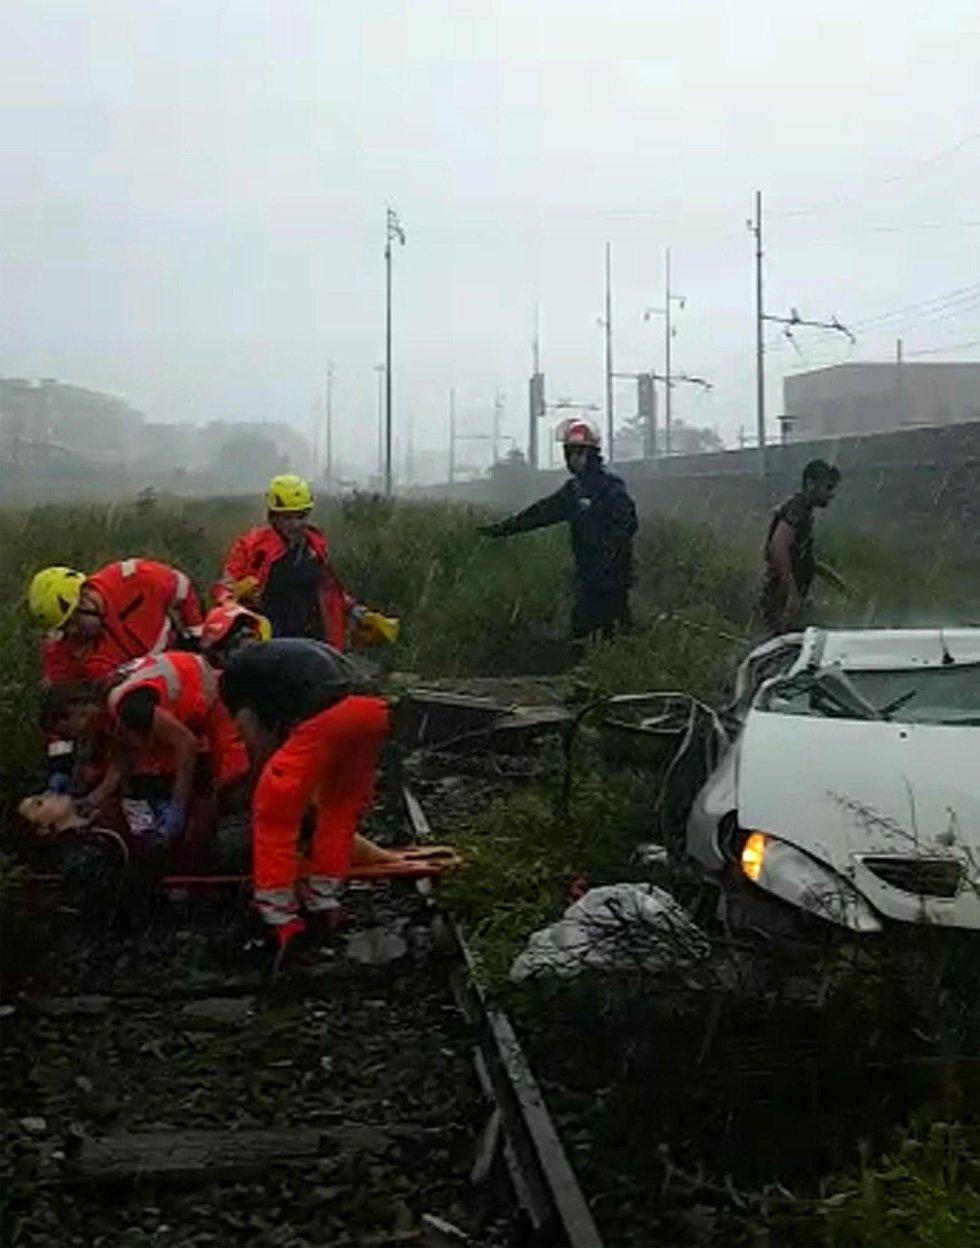 Varios miembros de los equipos de rescate atienden a una de las víctimas tras desplomarse un viaducto sobre la autopista A10 en Génova.